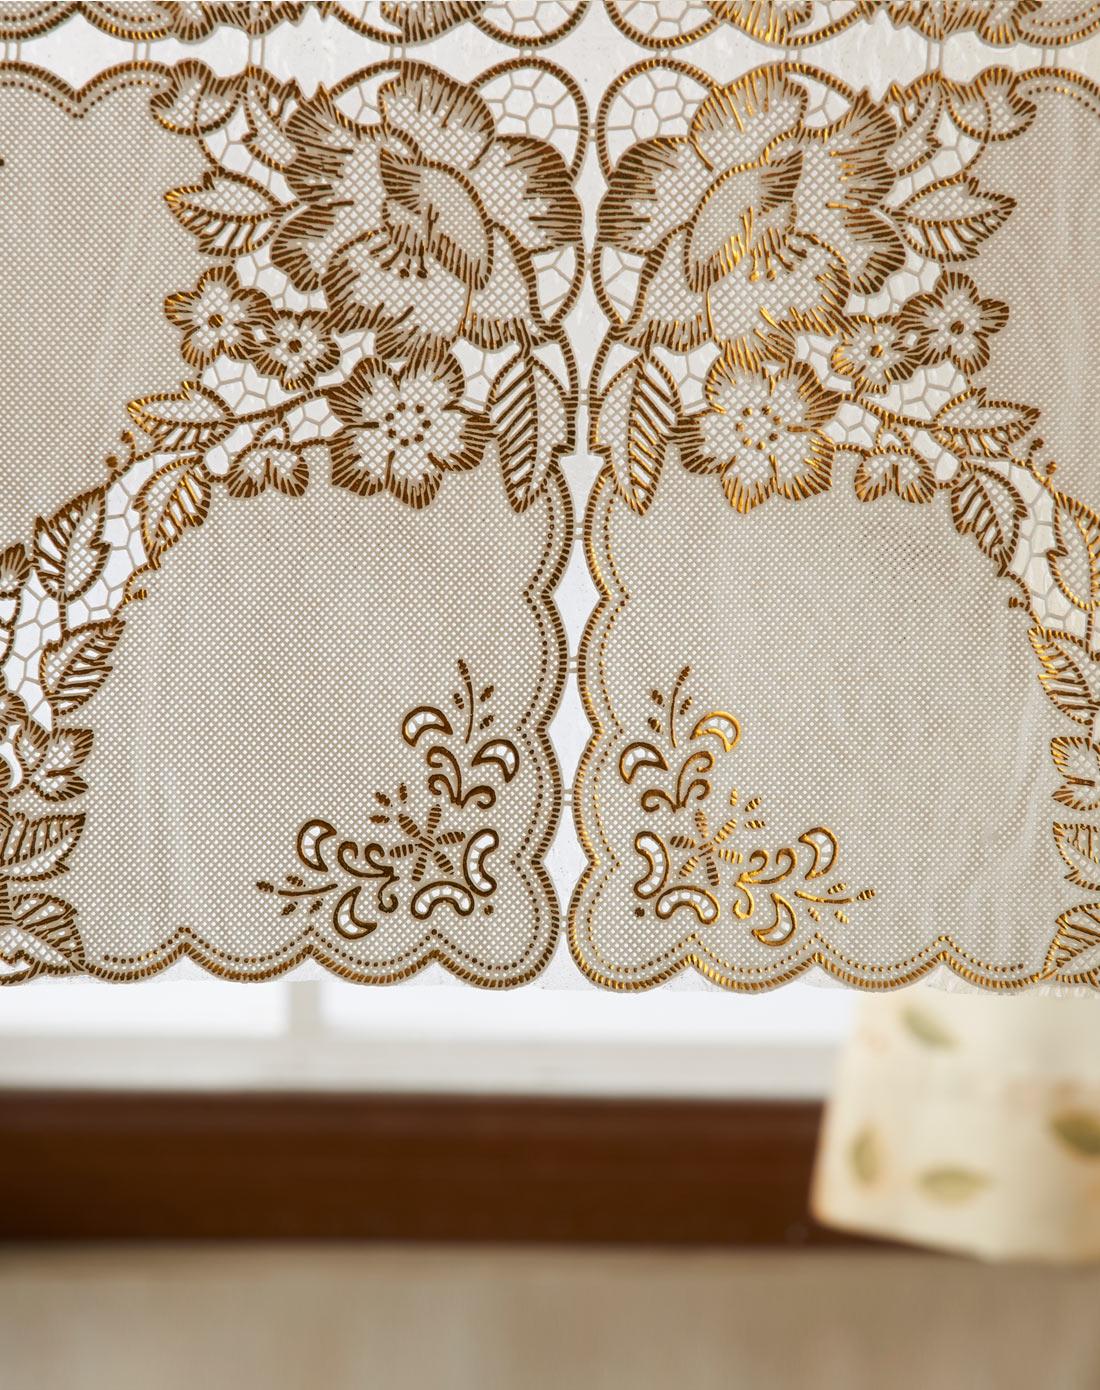 欧式奢华蕾丝印花烫金桌布